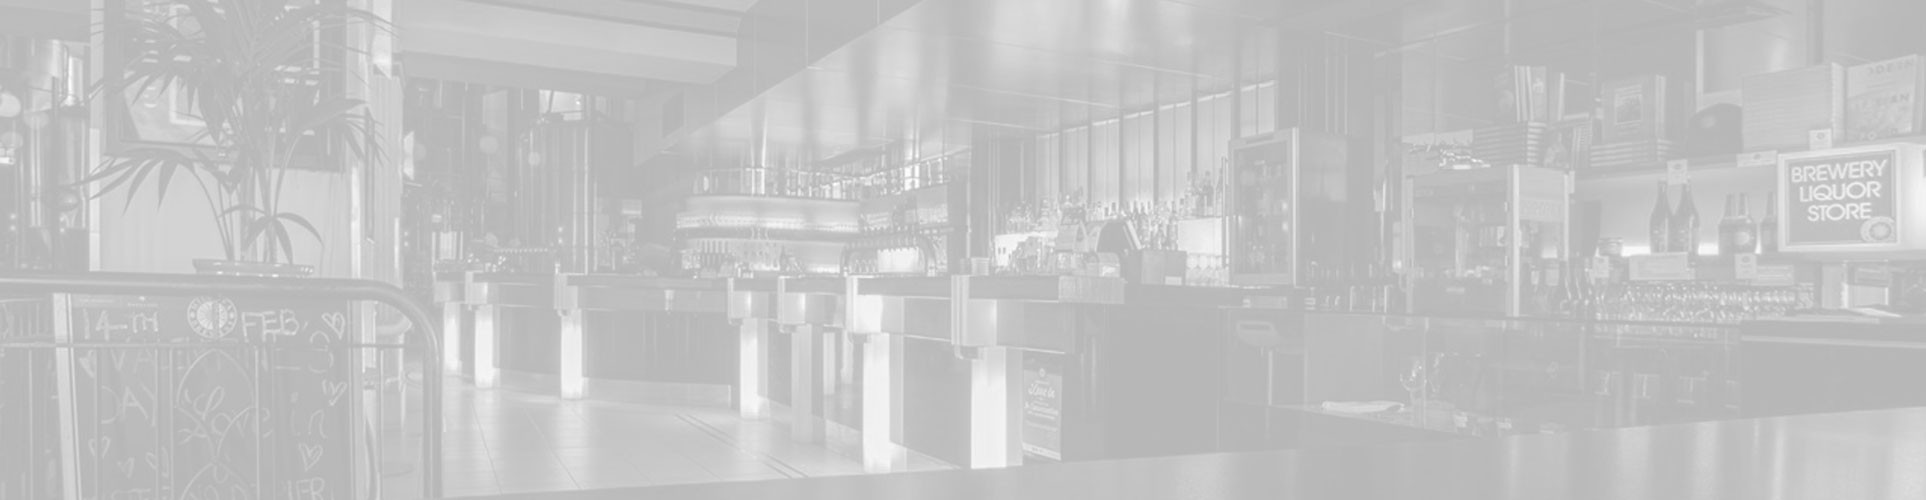 Sistem POS Restaurant